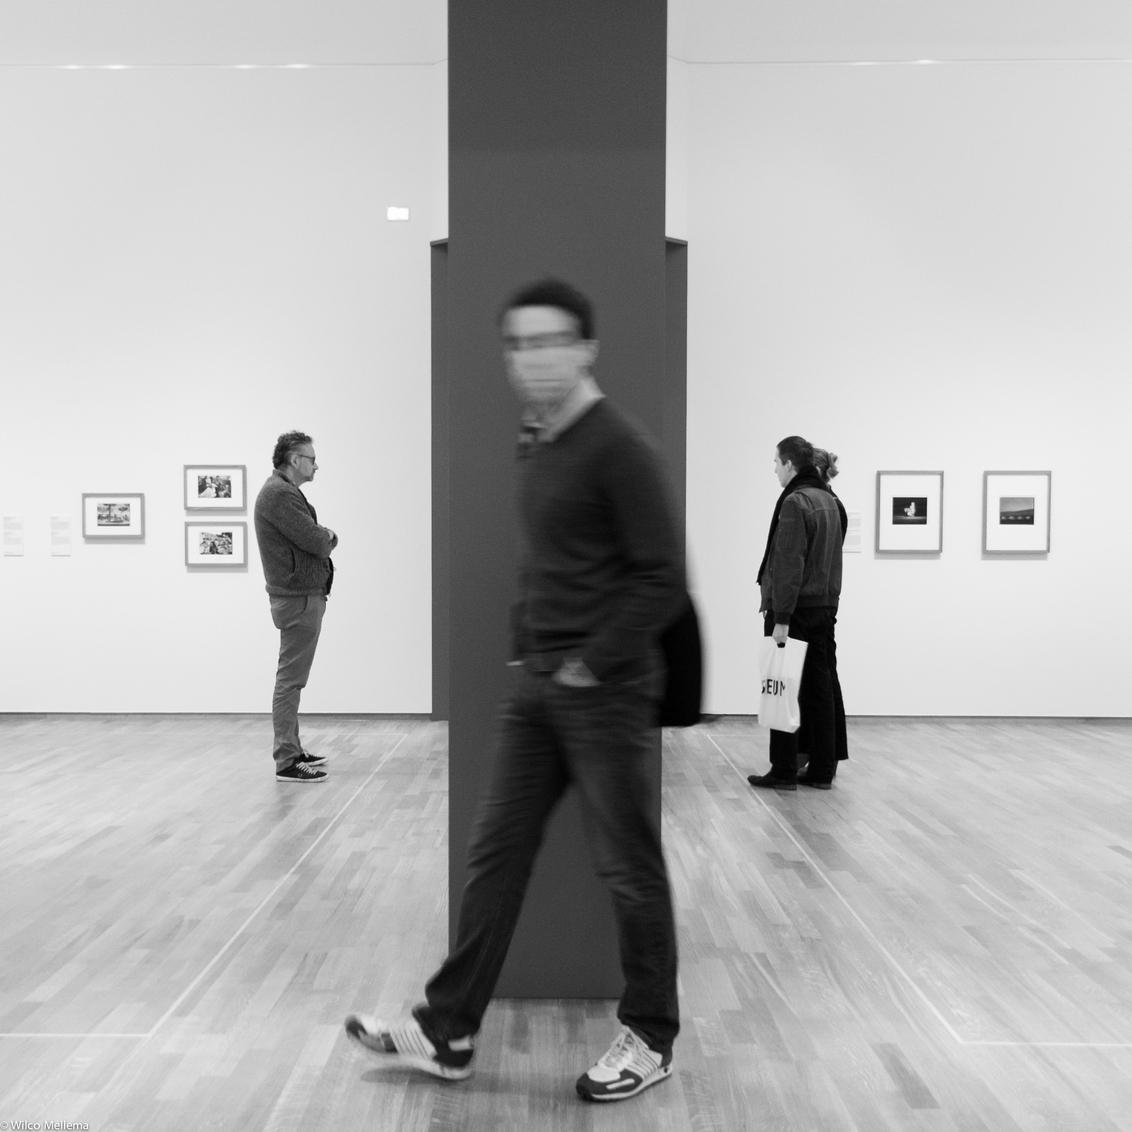 Tussen twee ruimten - Een man loopt in het Rijksmuseum tijdens de fototentoonstelling Modern Times tussen twee expositieruimten door. - foto door wilcofm op 30-05-2015 - deze foto bevat: man, mensen, portret, jongen, zwartwit, 50mm